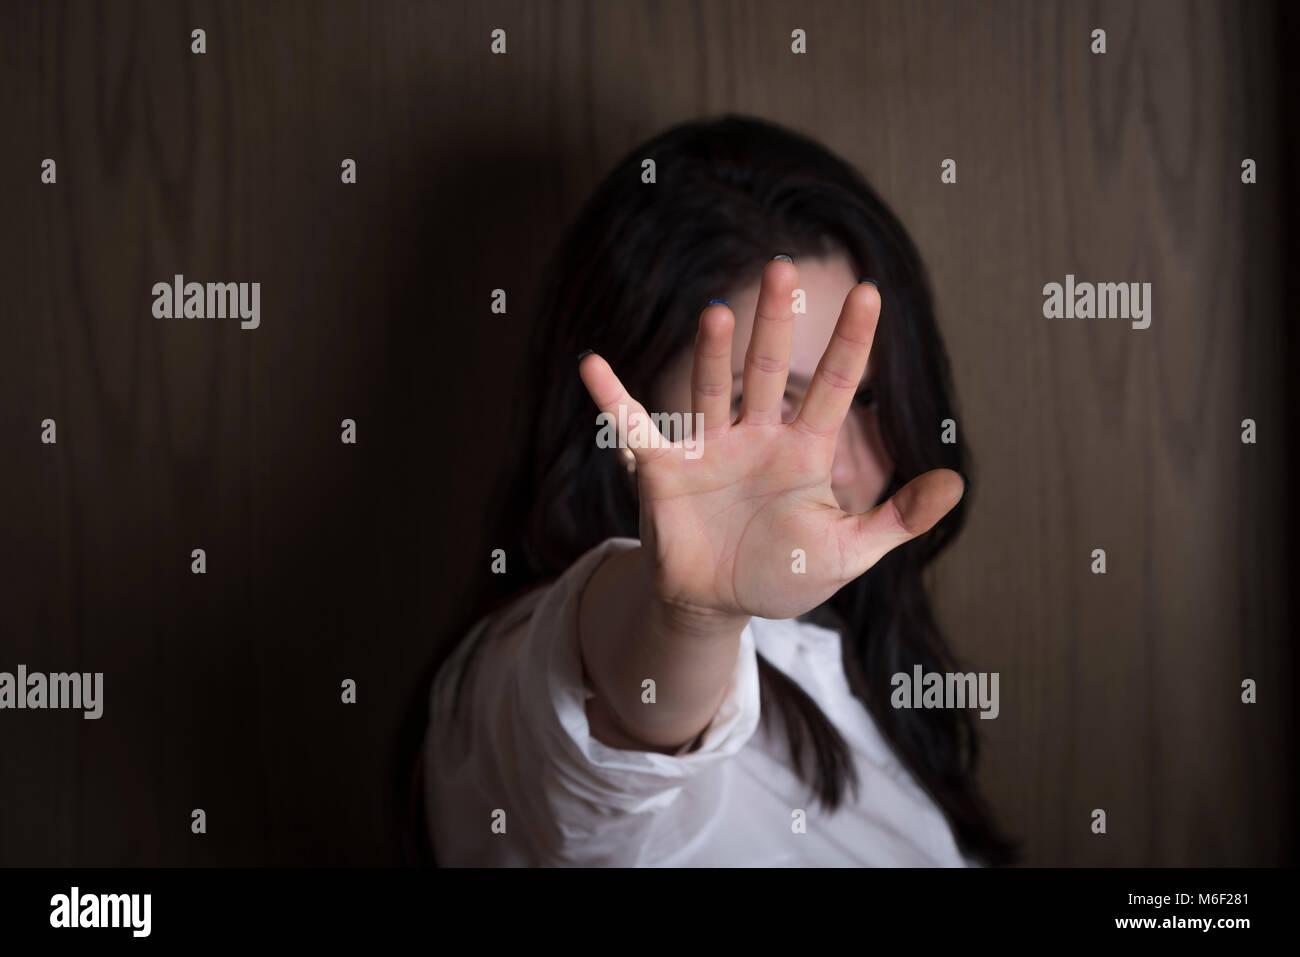 Brünette Frau, die ihre Hand, die sich auf die Kamera gestreckt, die ihr Gesicht, ohne gesehen zu stoppen oder Stockbild